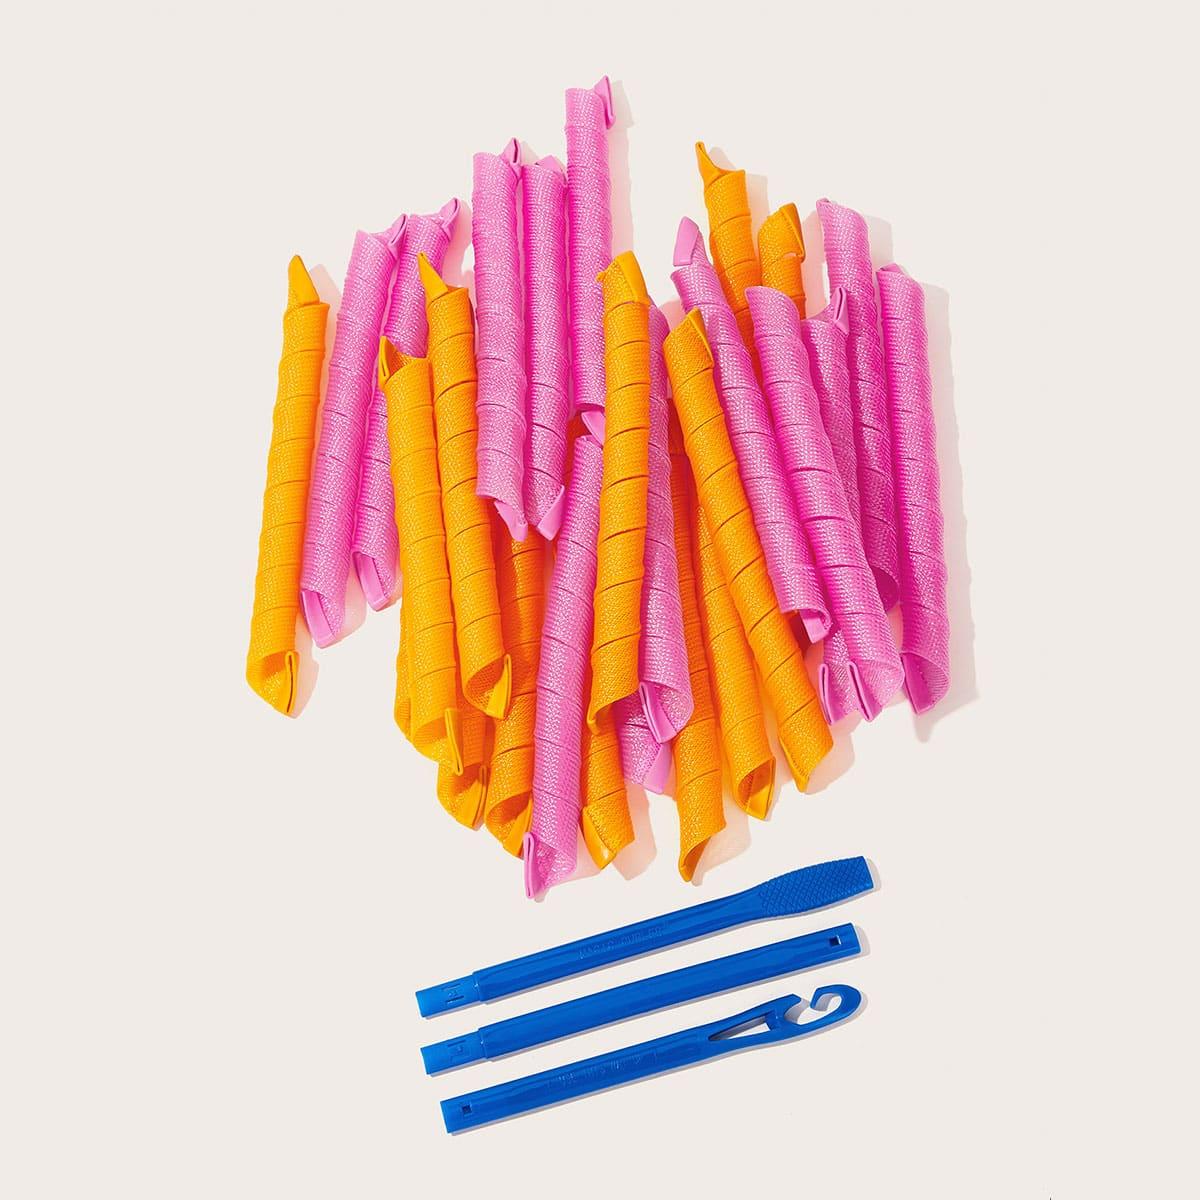 Разноцветные Бигуди 30 шт